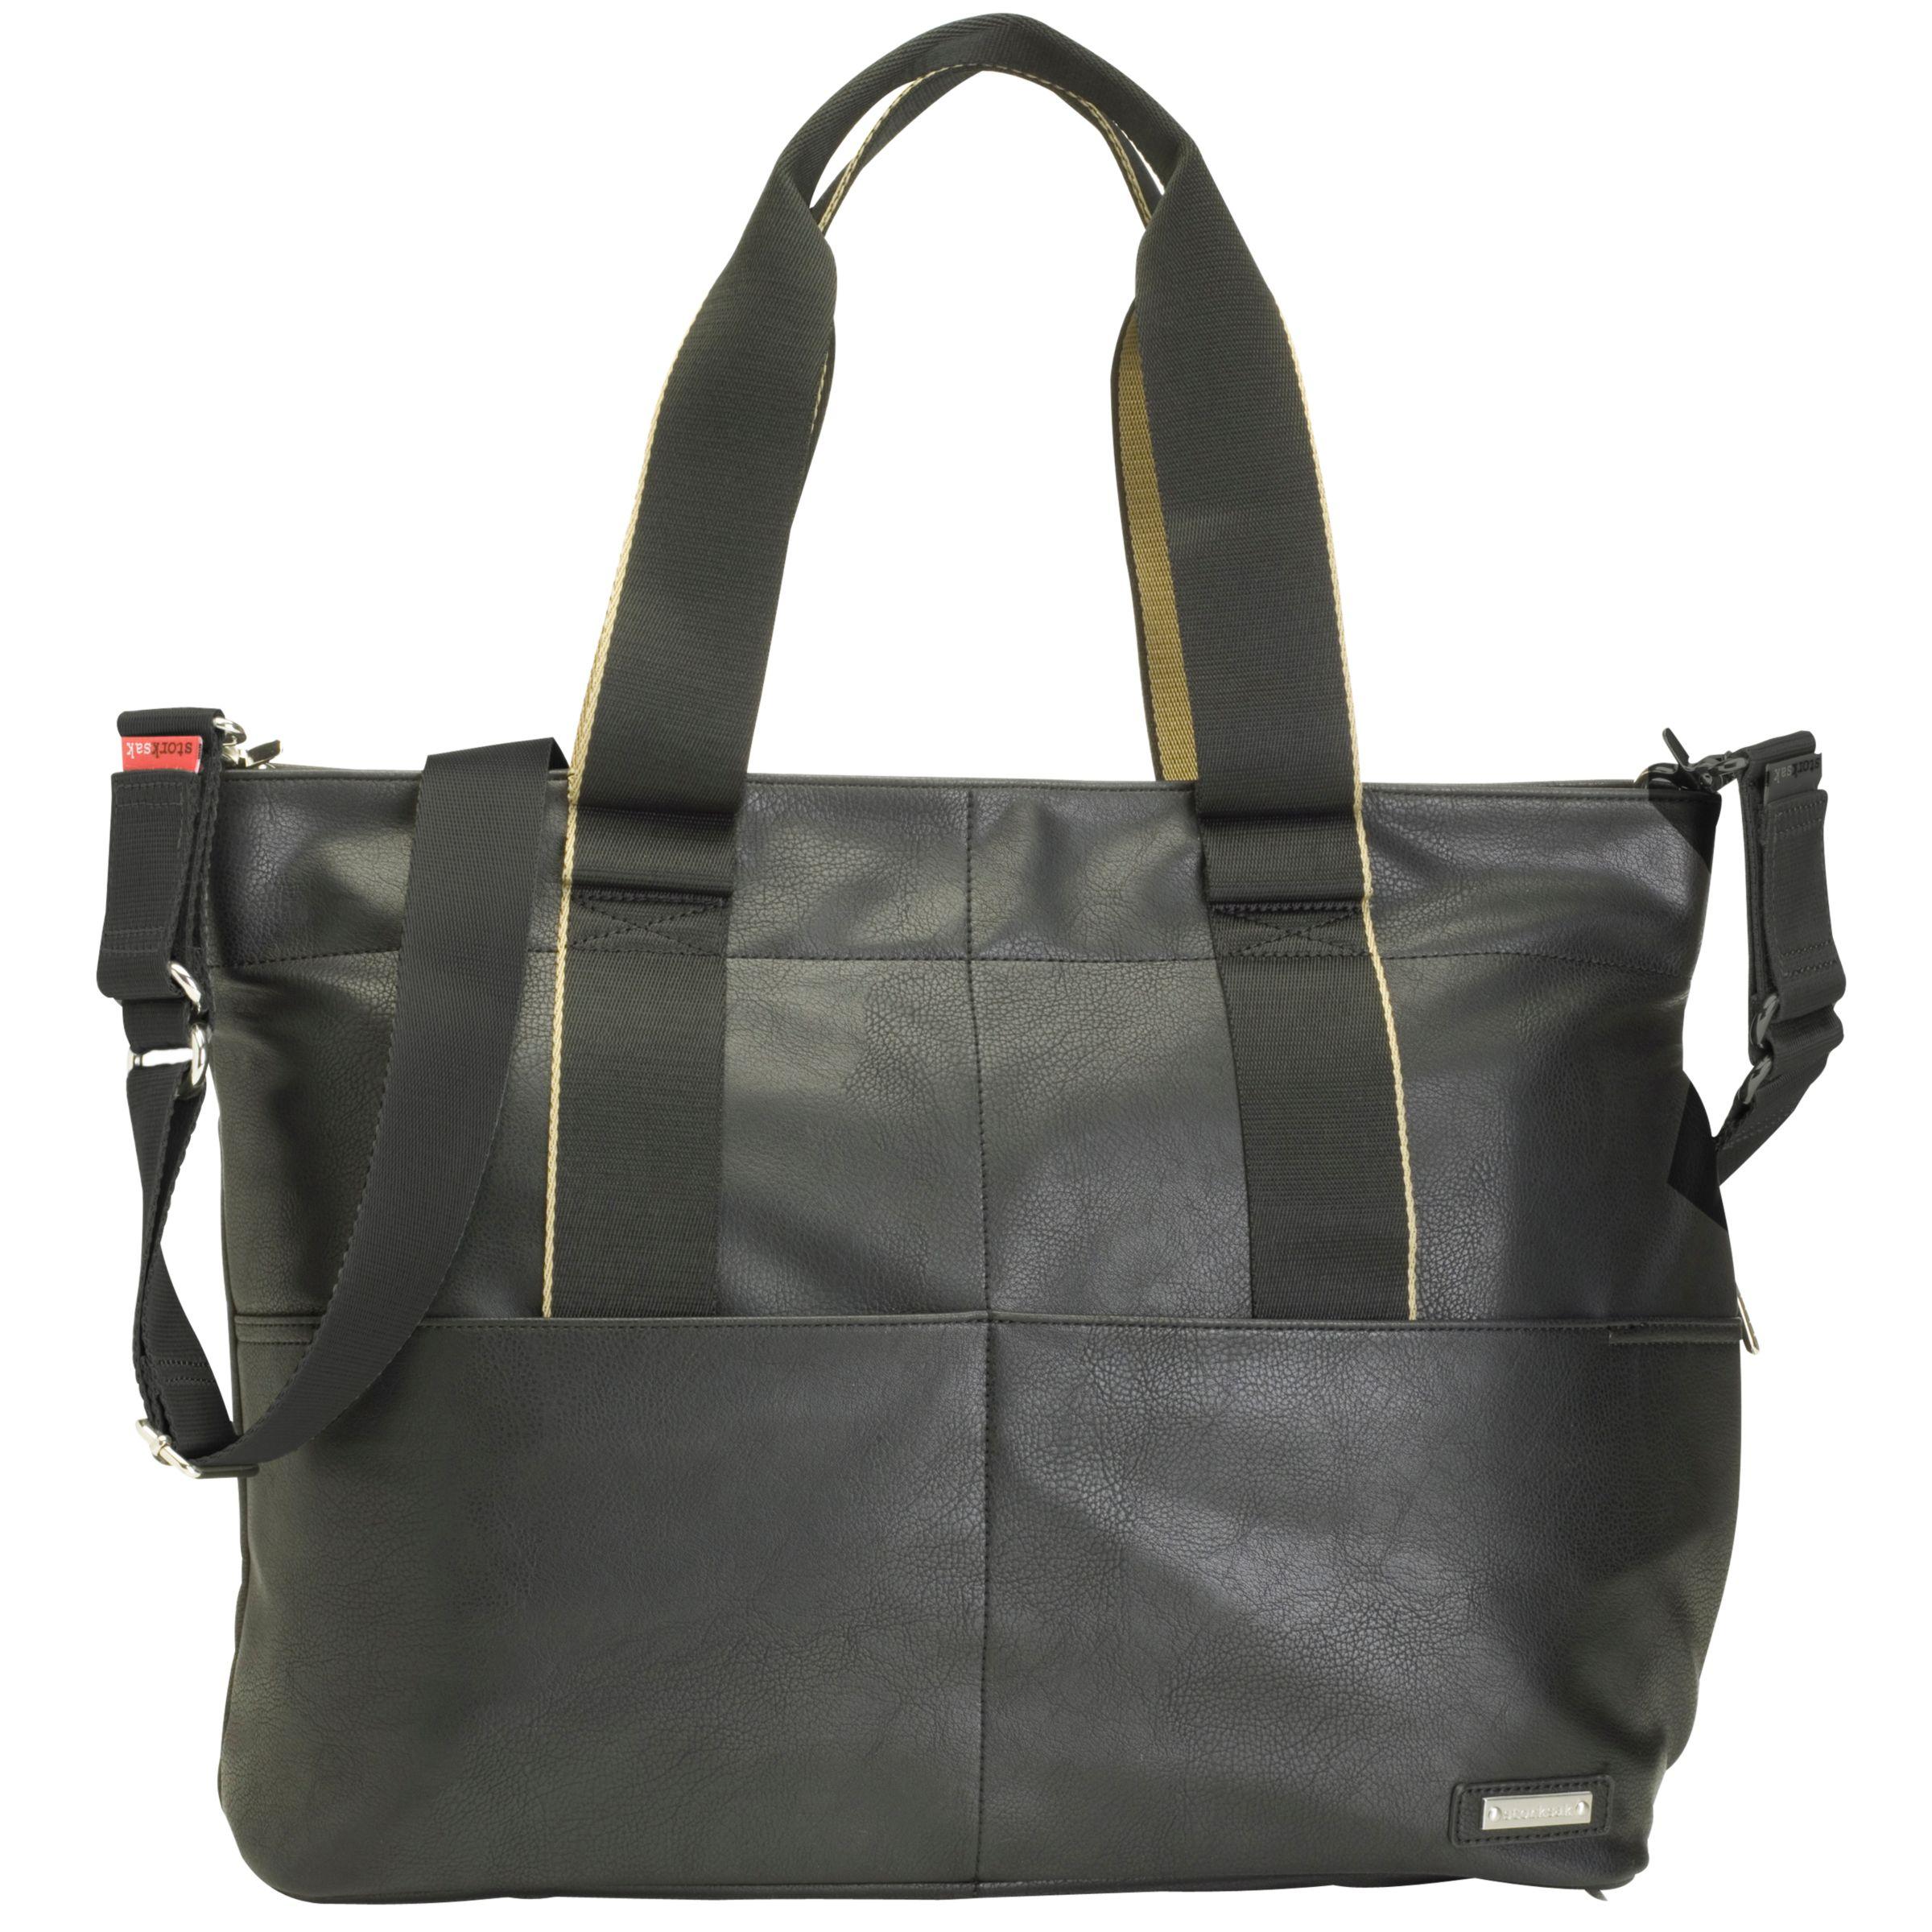 Storksak Storksak Eden Vegan Leather Changing Bag, Black